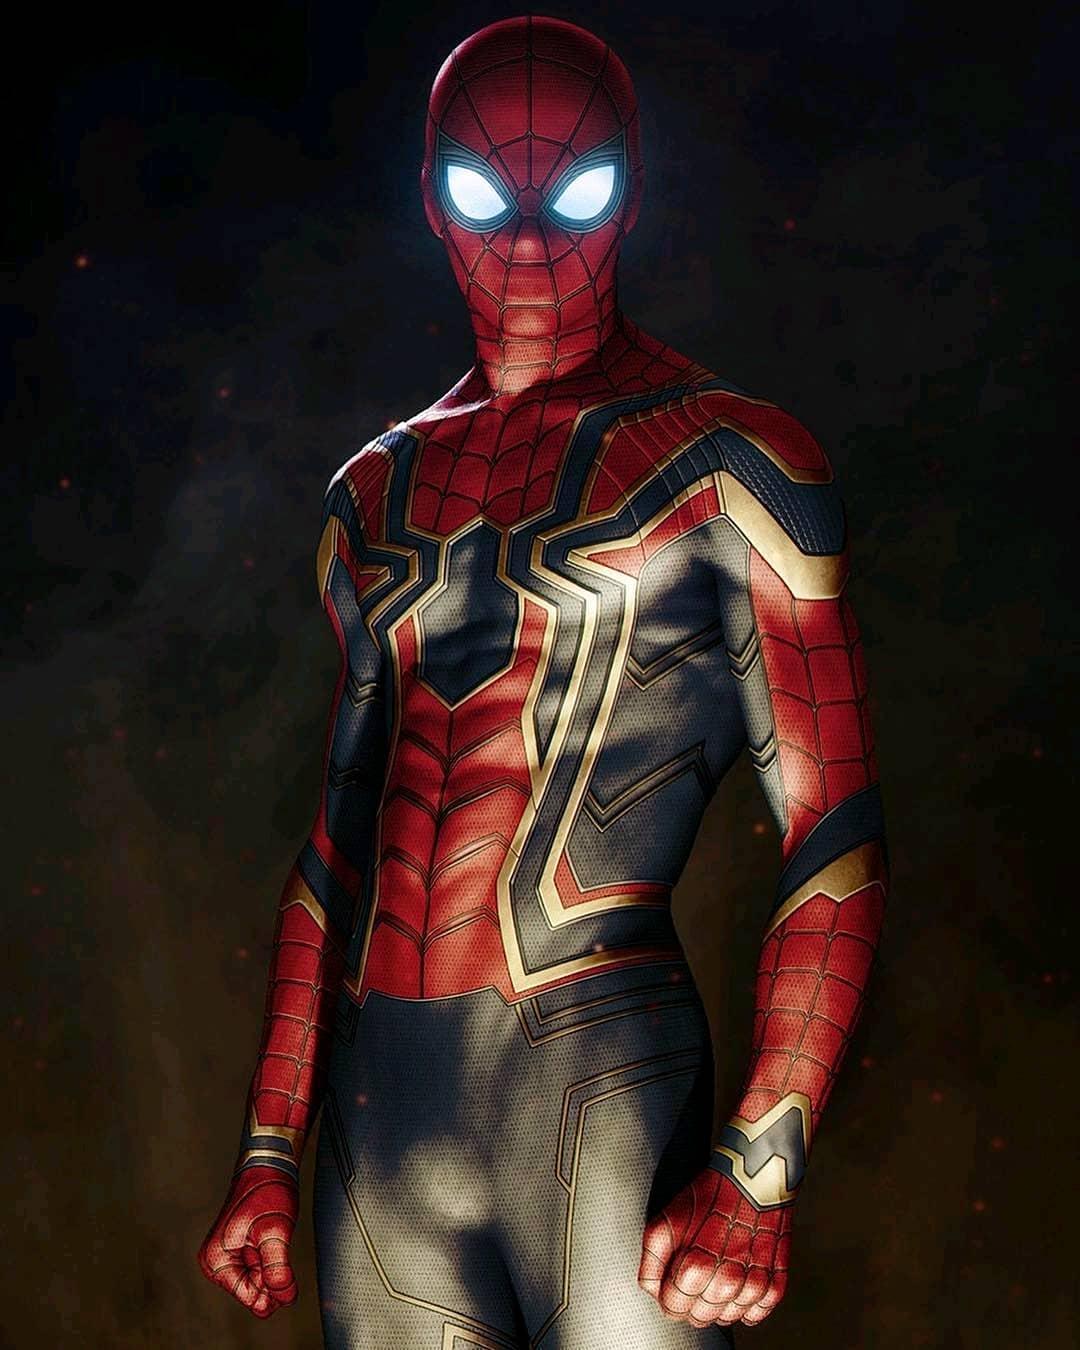 Wallpaper spider man iron spider man spider man - Iron man spiderman wallpaper ...